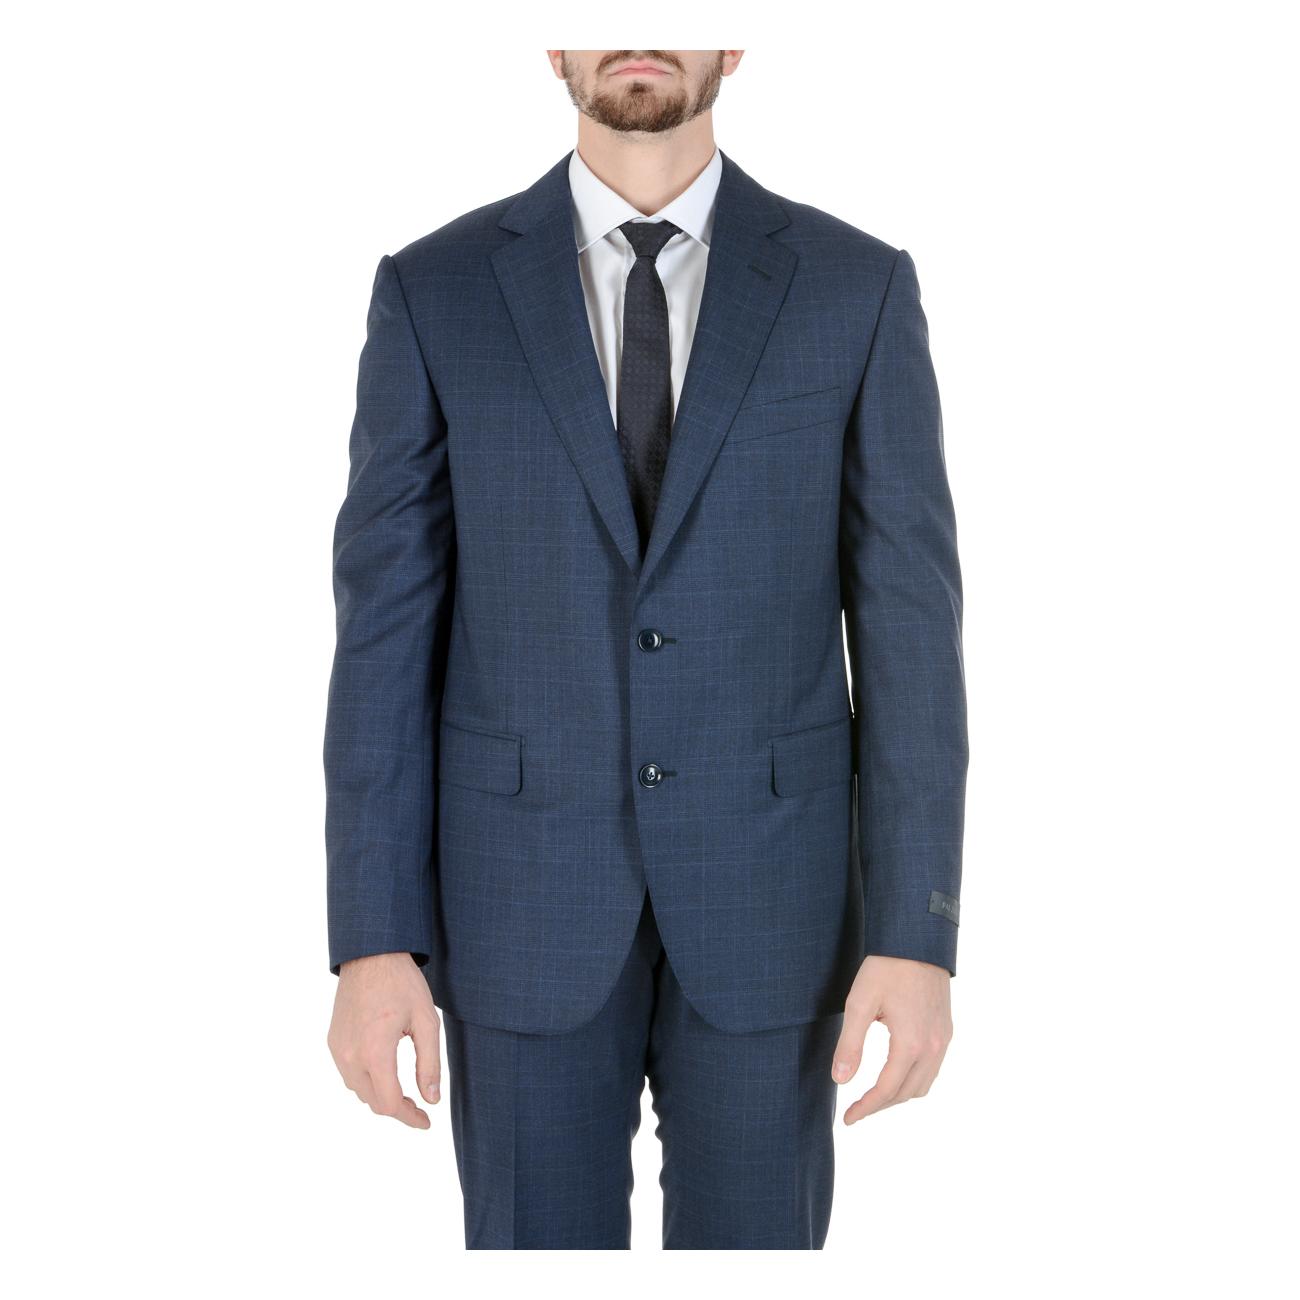 pal-zilieri-mens-suit-dark-blue-2